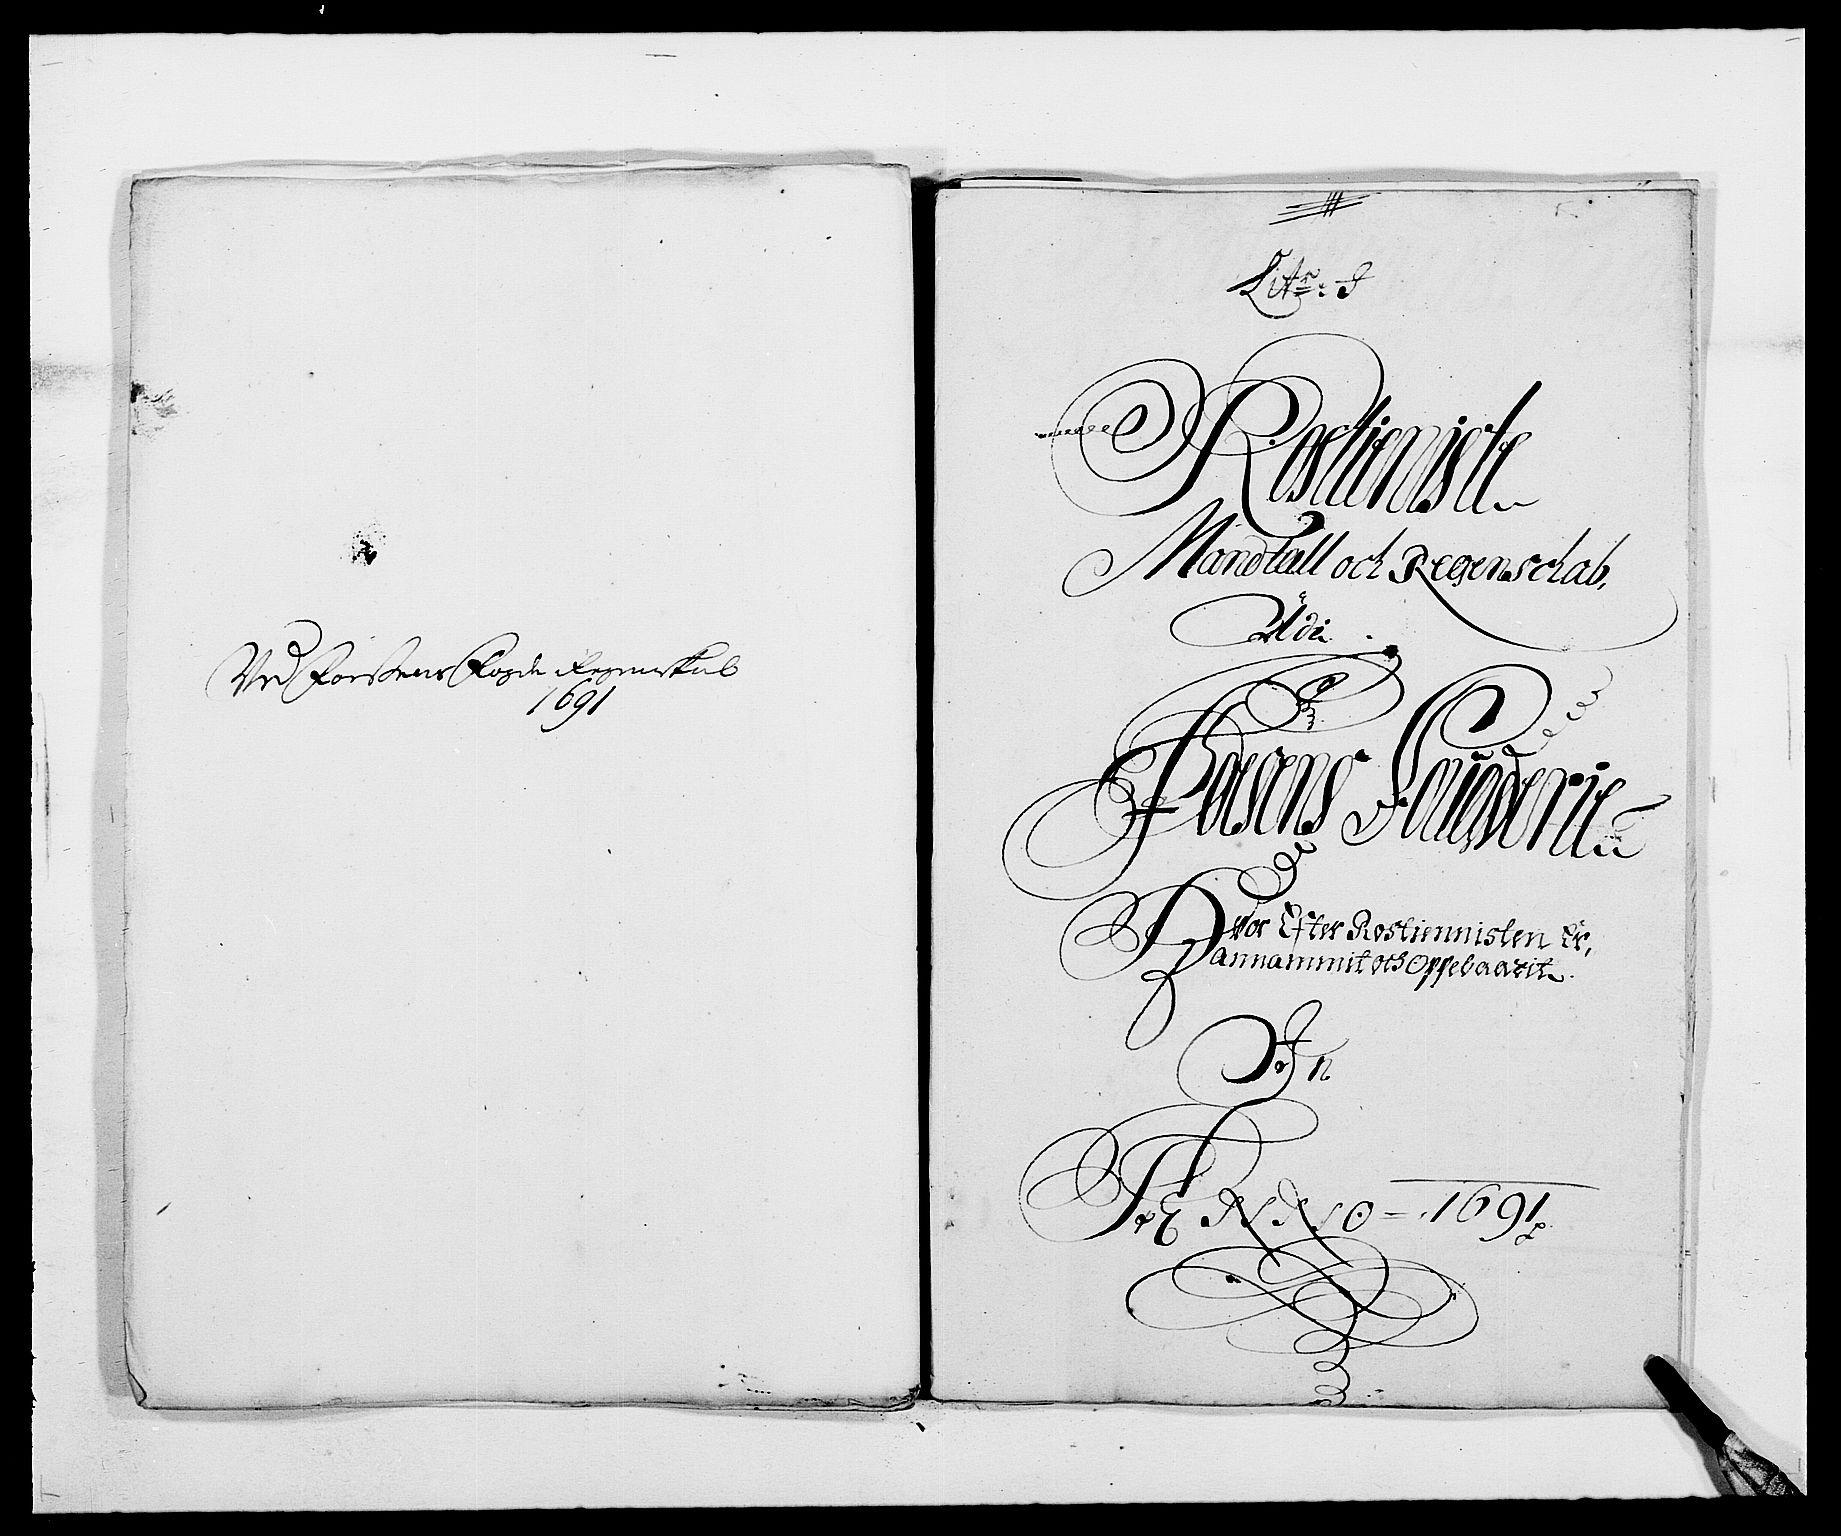 RA, Rentekammeret inntil 1814, Reviderte regnskaper, Fogderegnskap, R57/L3848: Fogderegnskap Fosen, 1690-1691, s. 294